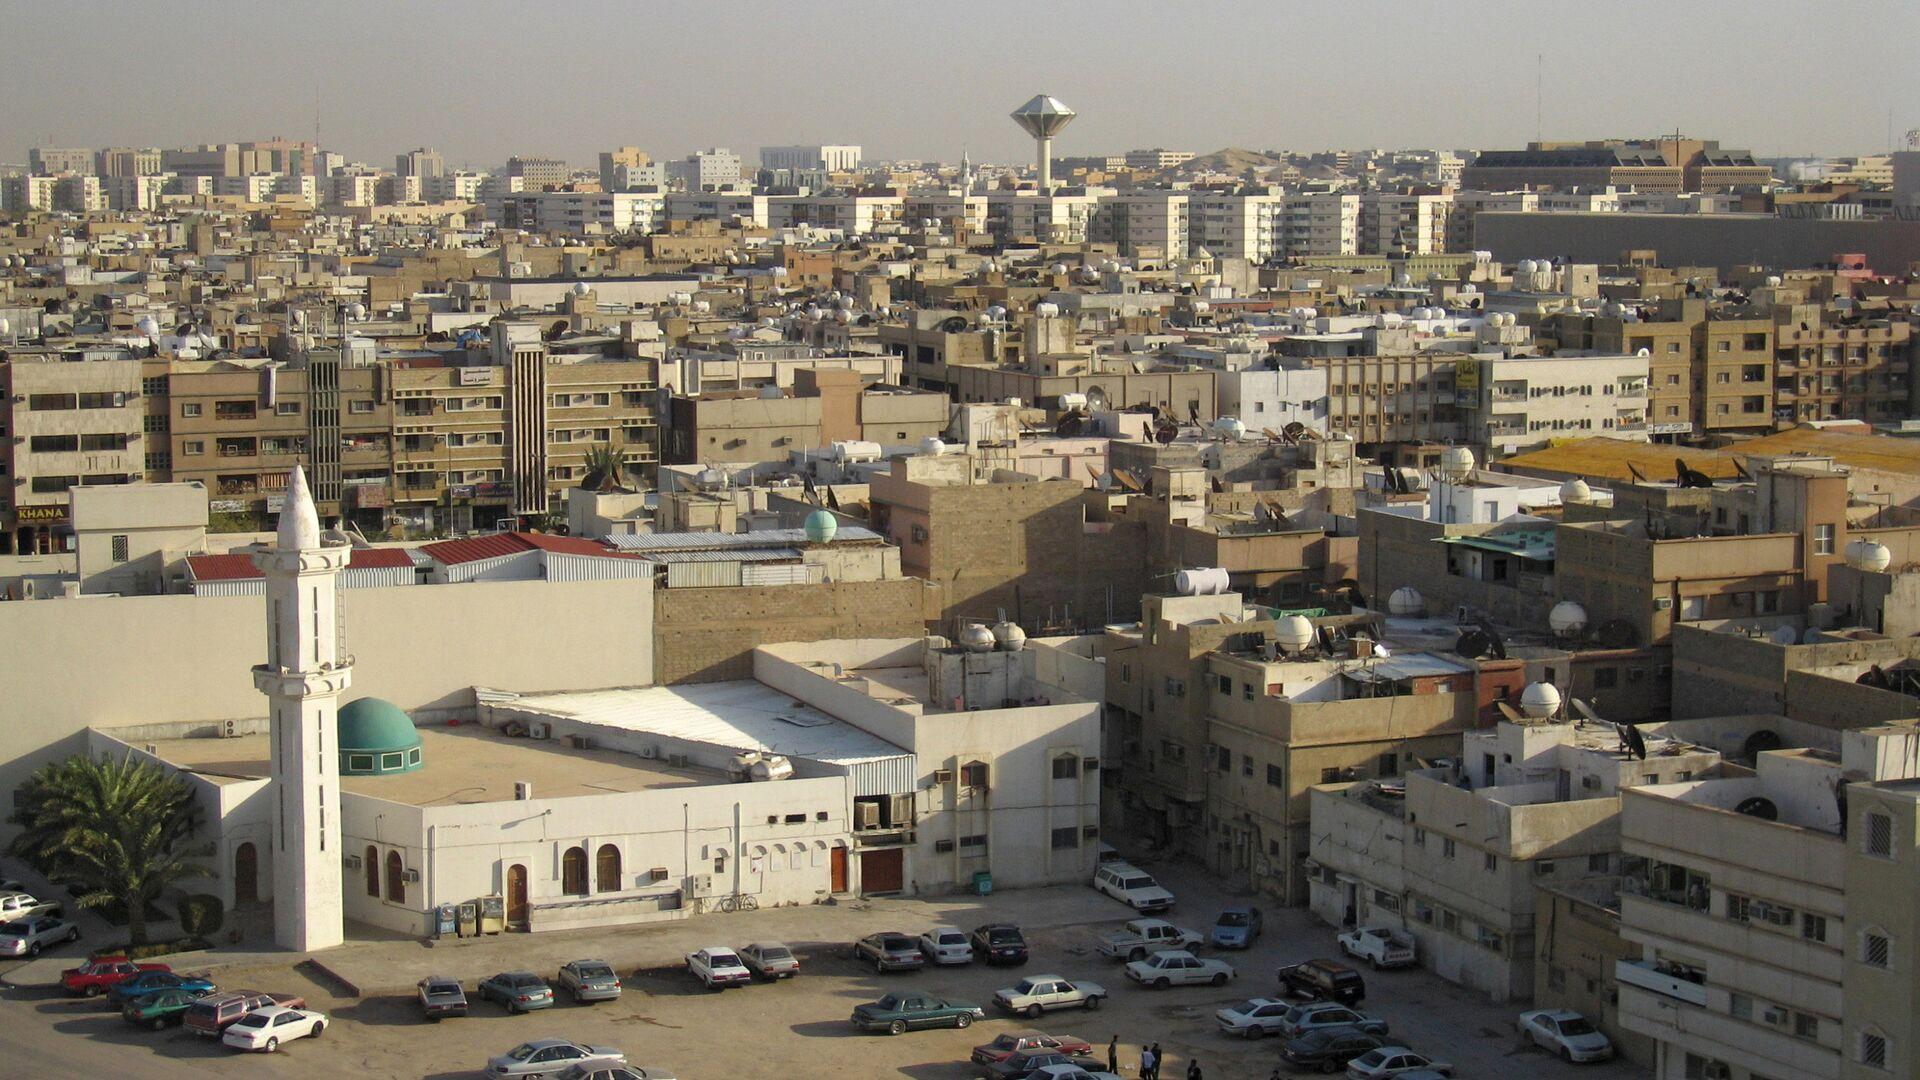 Вид города Эр-Рияд - столицы Саудовской Аравии - РИА Новости, 1920, 01.04.2021